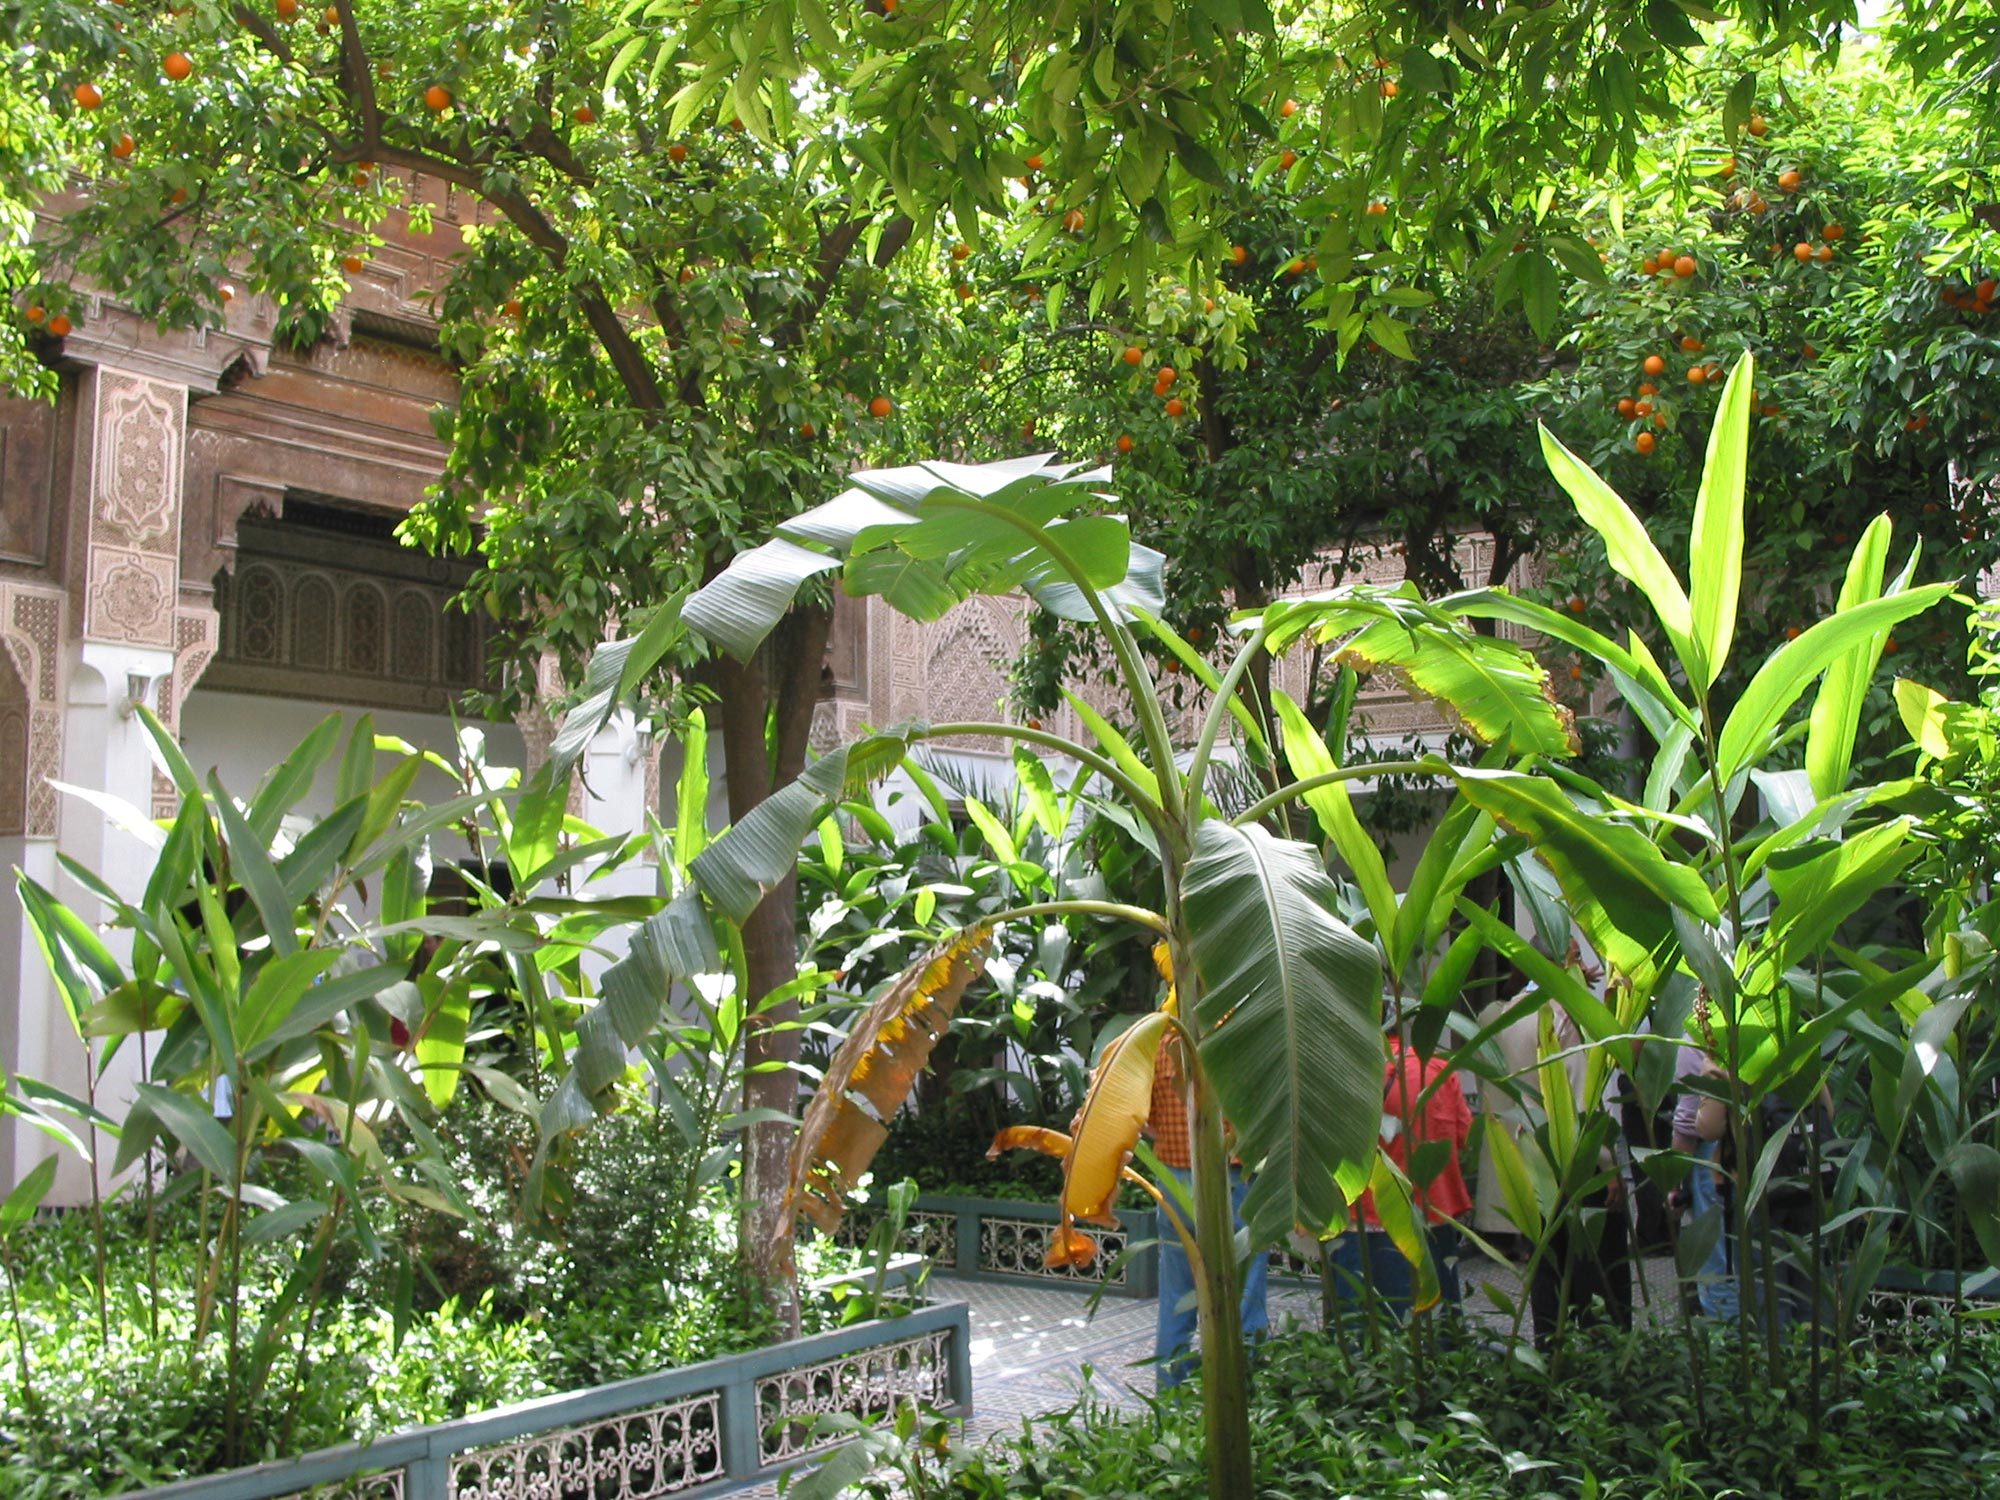 Cour intérieur avec arbustes, architecture mauresque